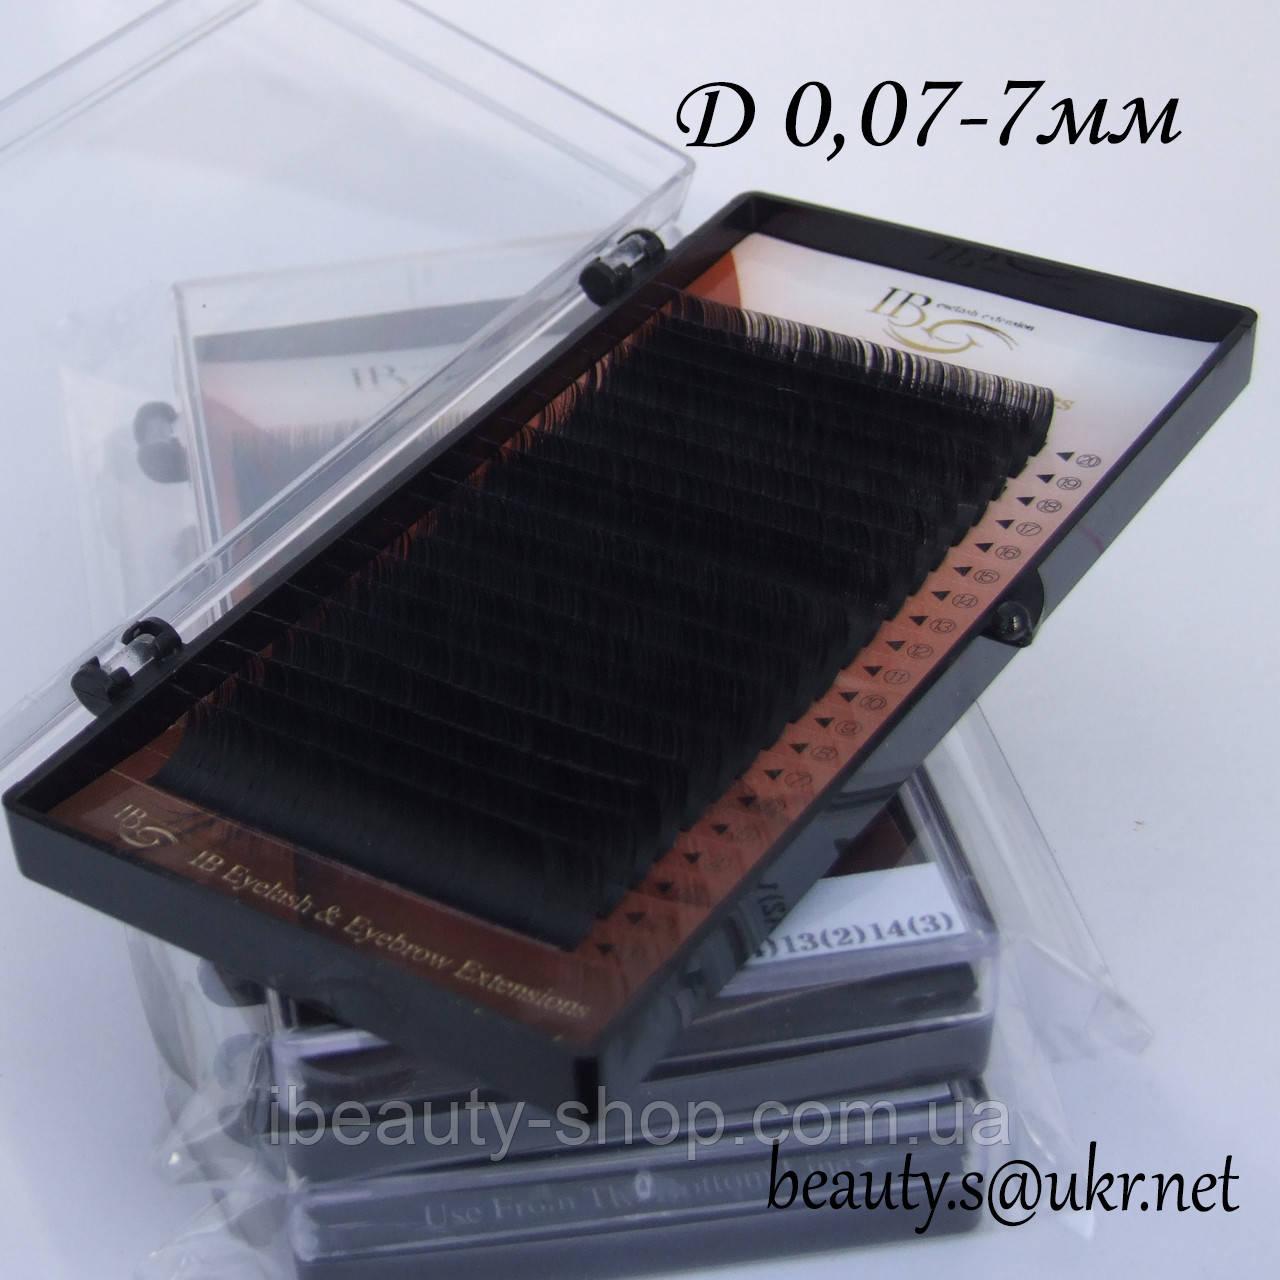 Ресницы  I-Beauty на ленте D-0,07 7мм